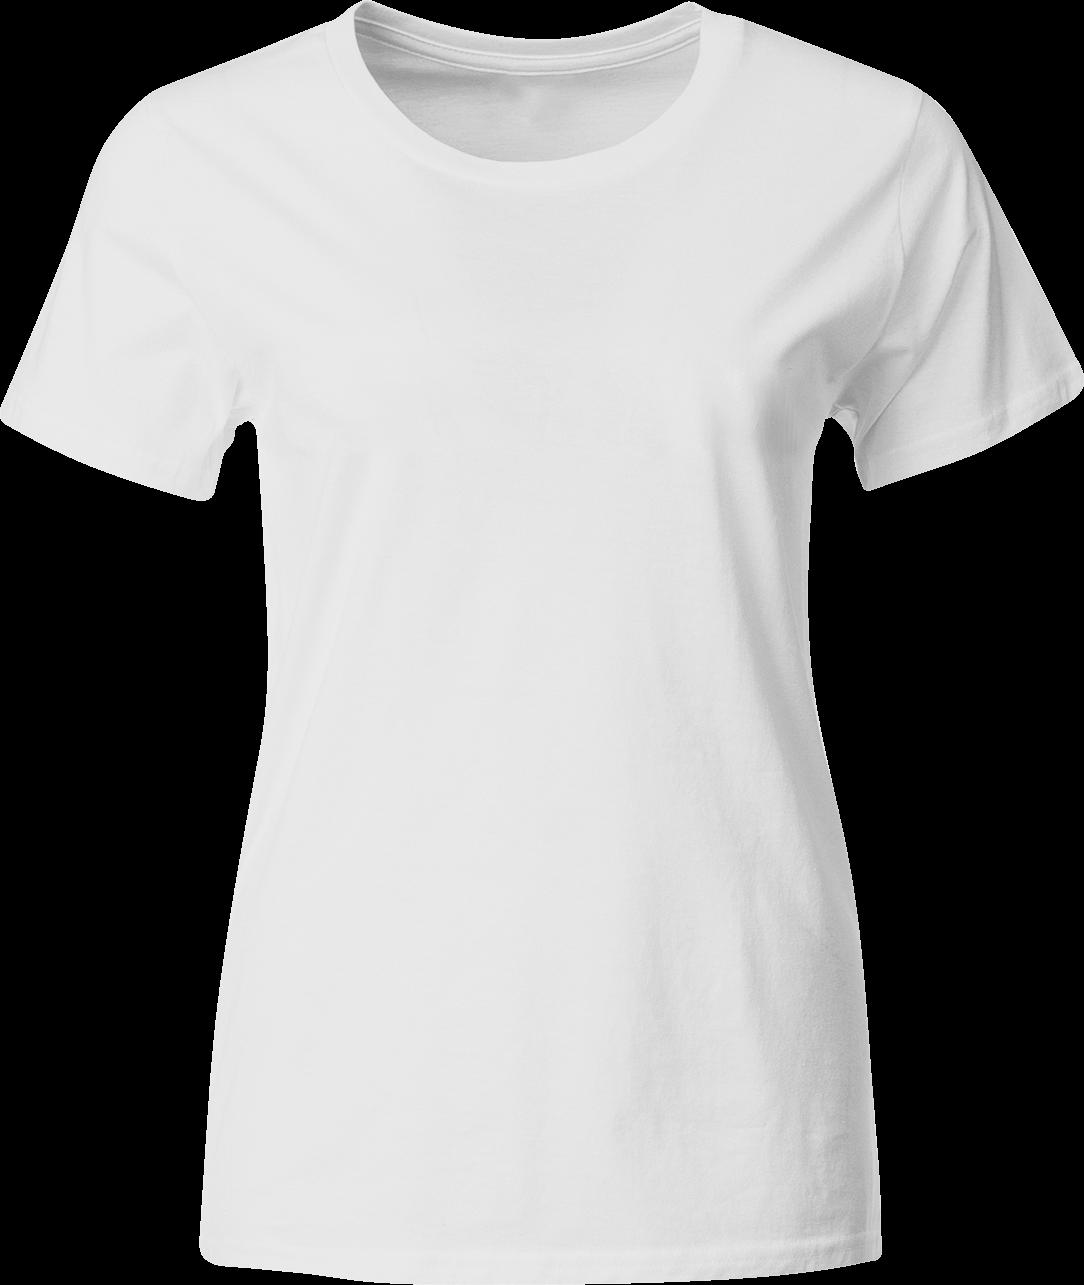 47d8790f35fd5 Красивая женская футболка универсального белого цвета высокого качества